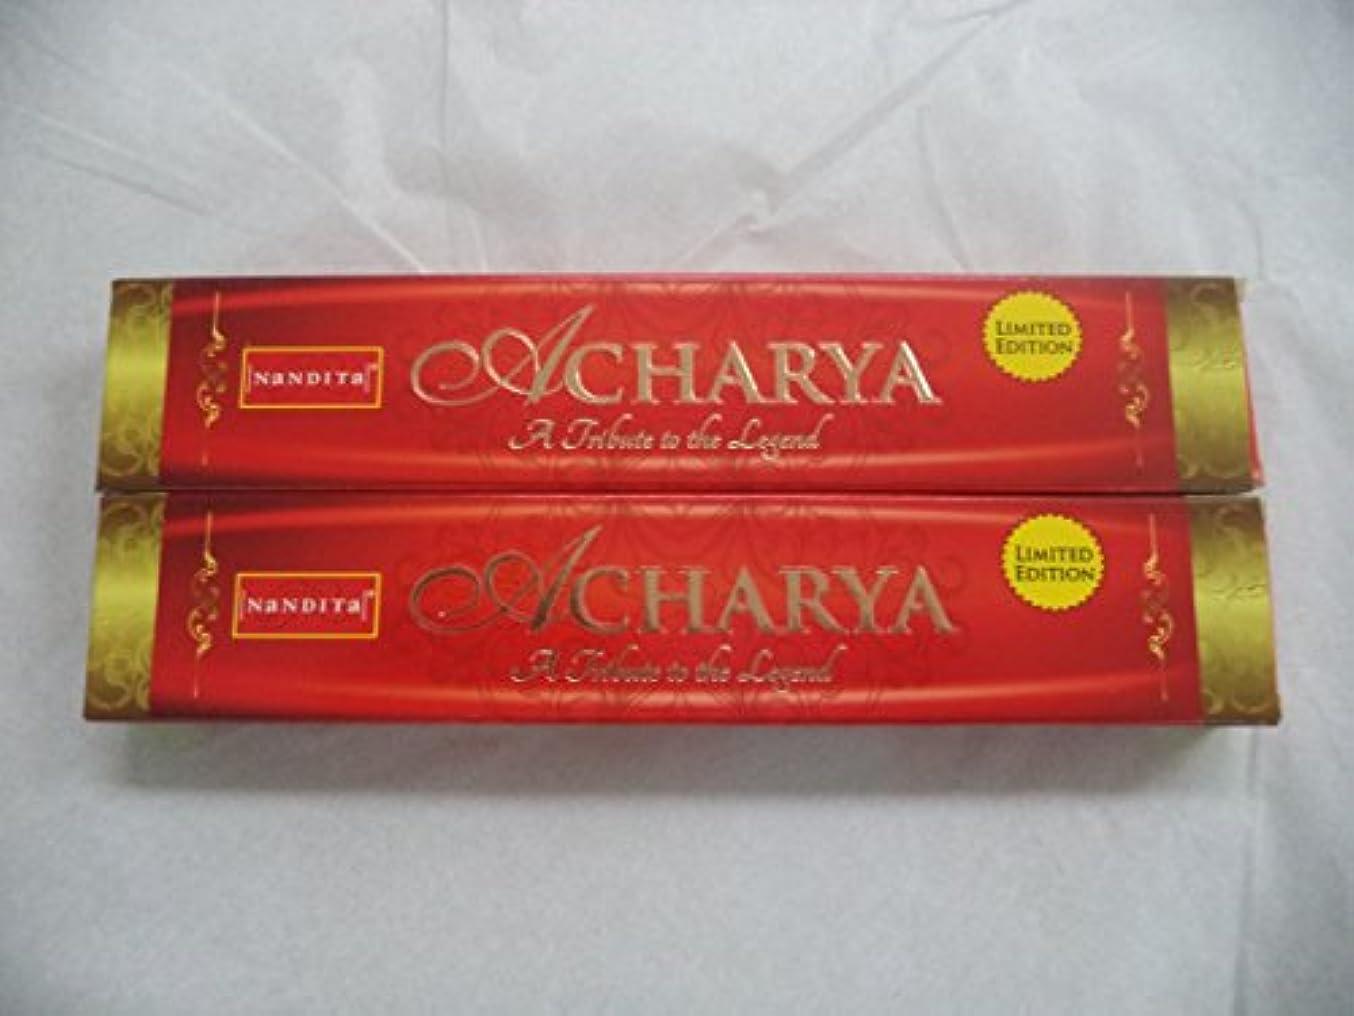 密輸招待ゴールデンNandita Acharya自然有機Incense Sticks : 2 x 15グラムボックス